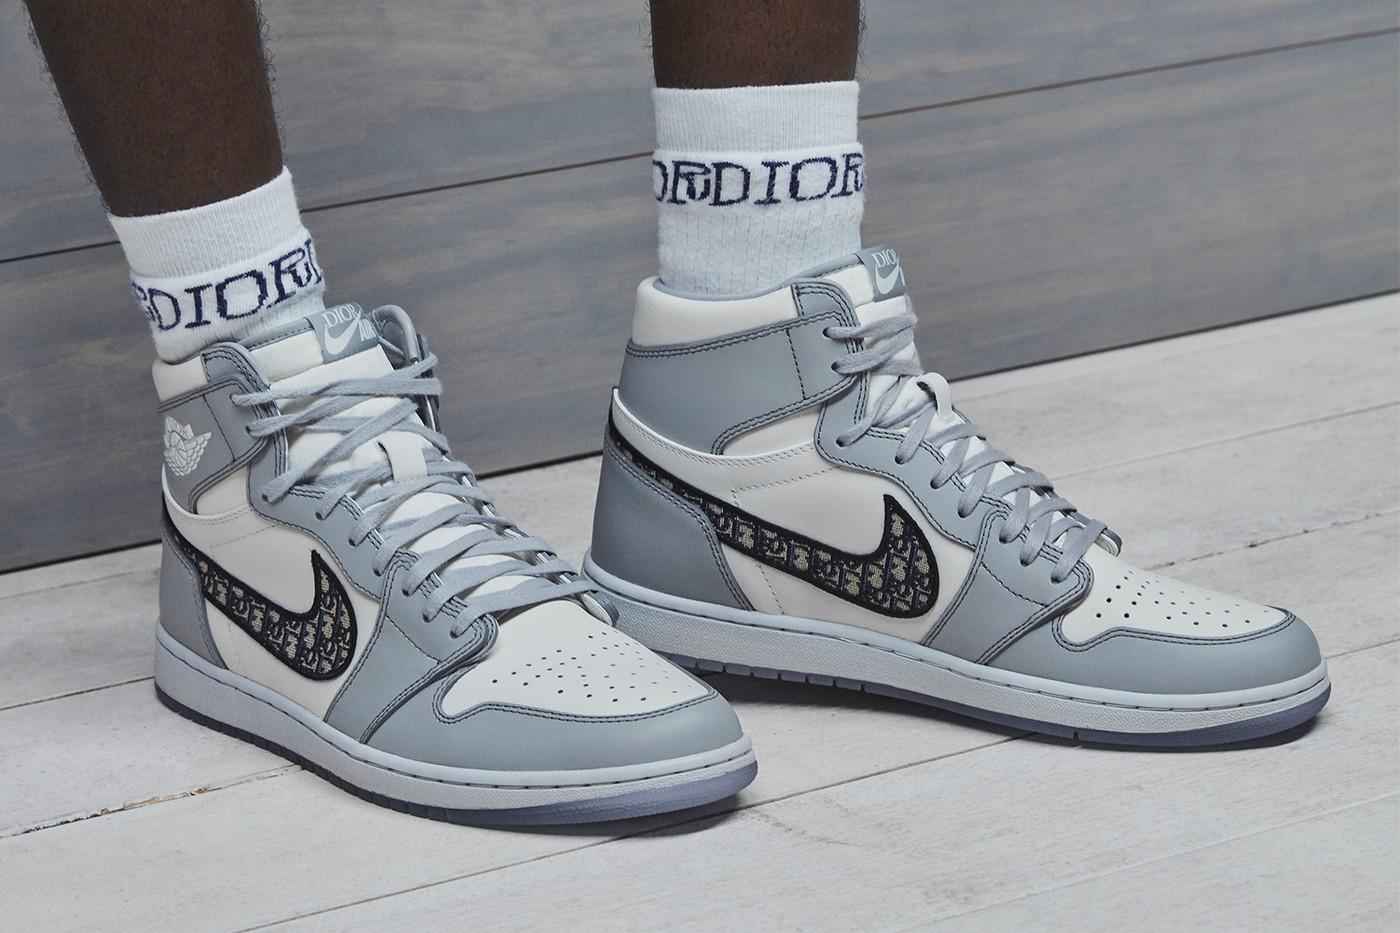 giay sneaker_dior air jordan 1